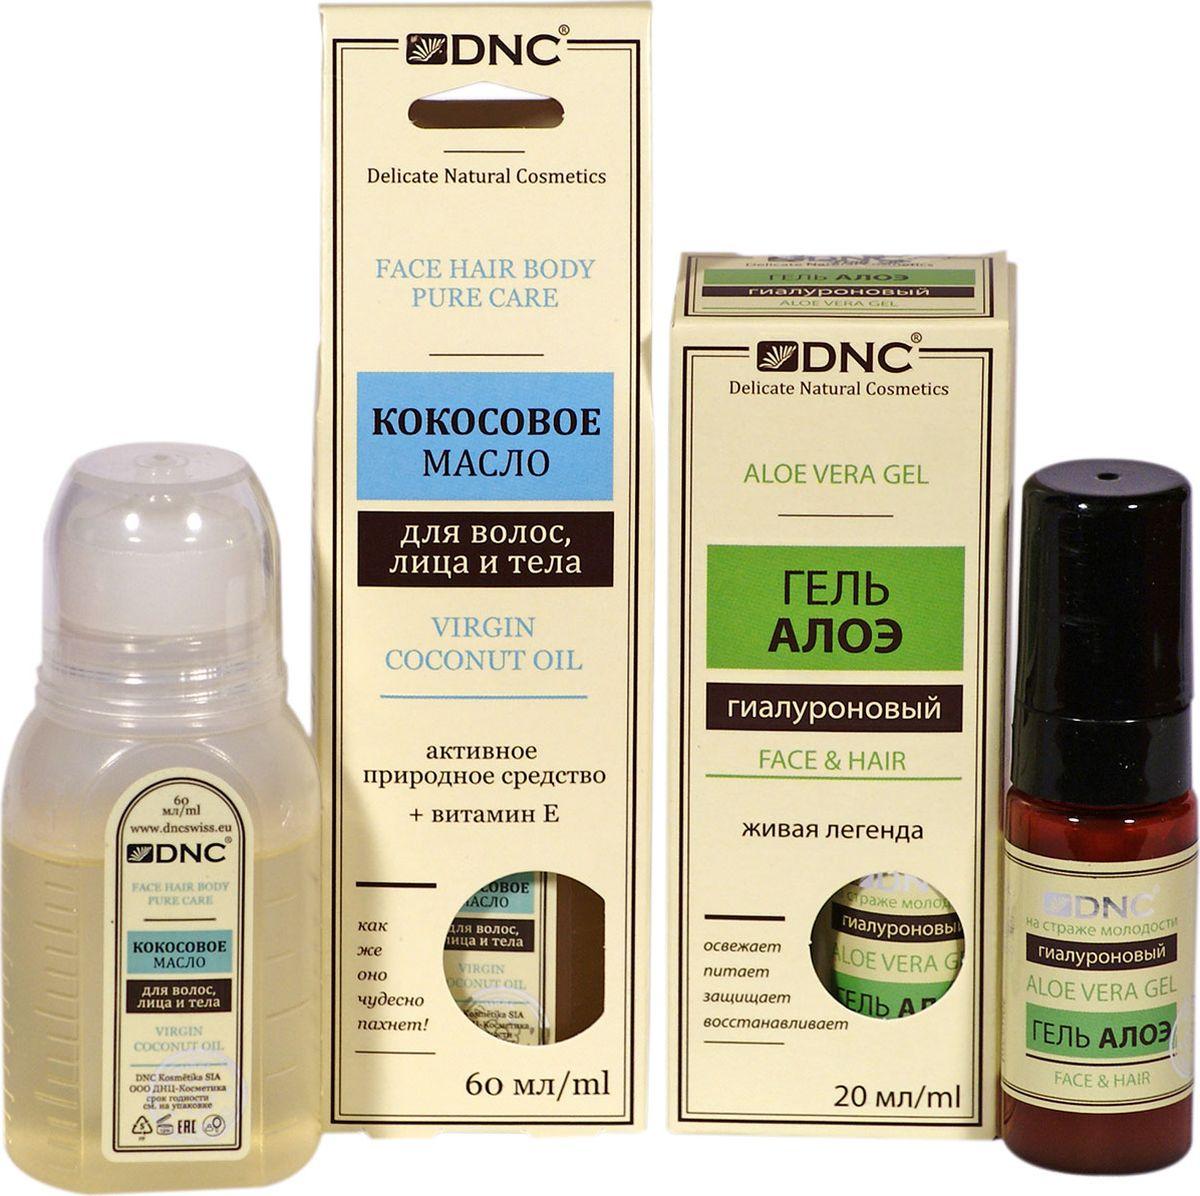 DNC Набор: Кокосовое масло для волос, лица и тела, 60 мл + Гель гиалуроновый Алоэ, 20 мл